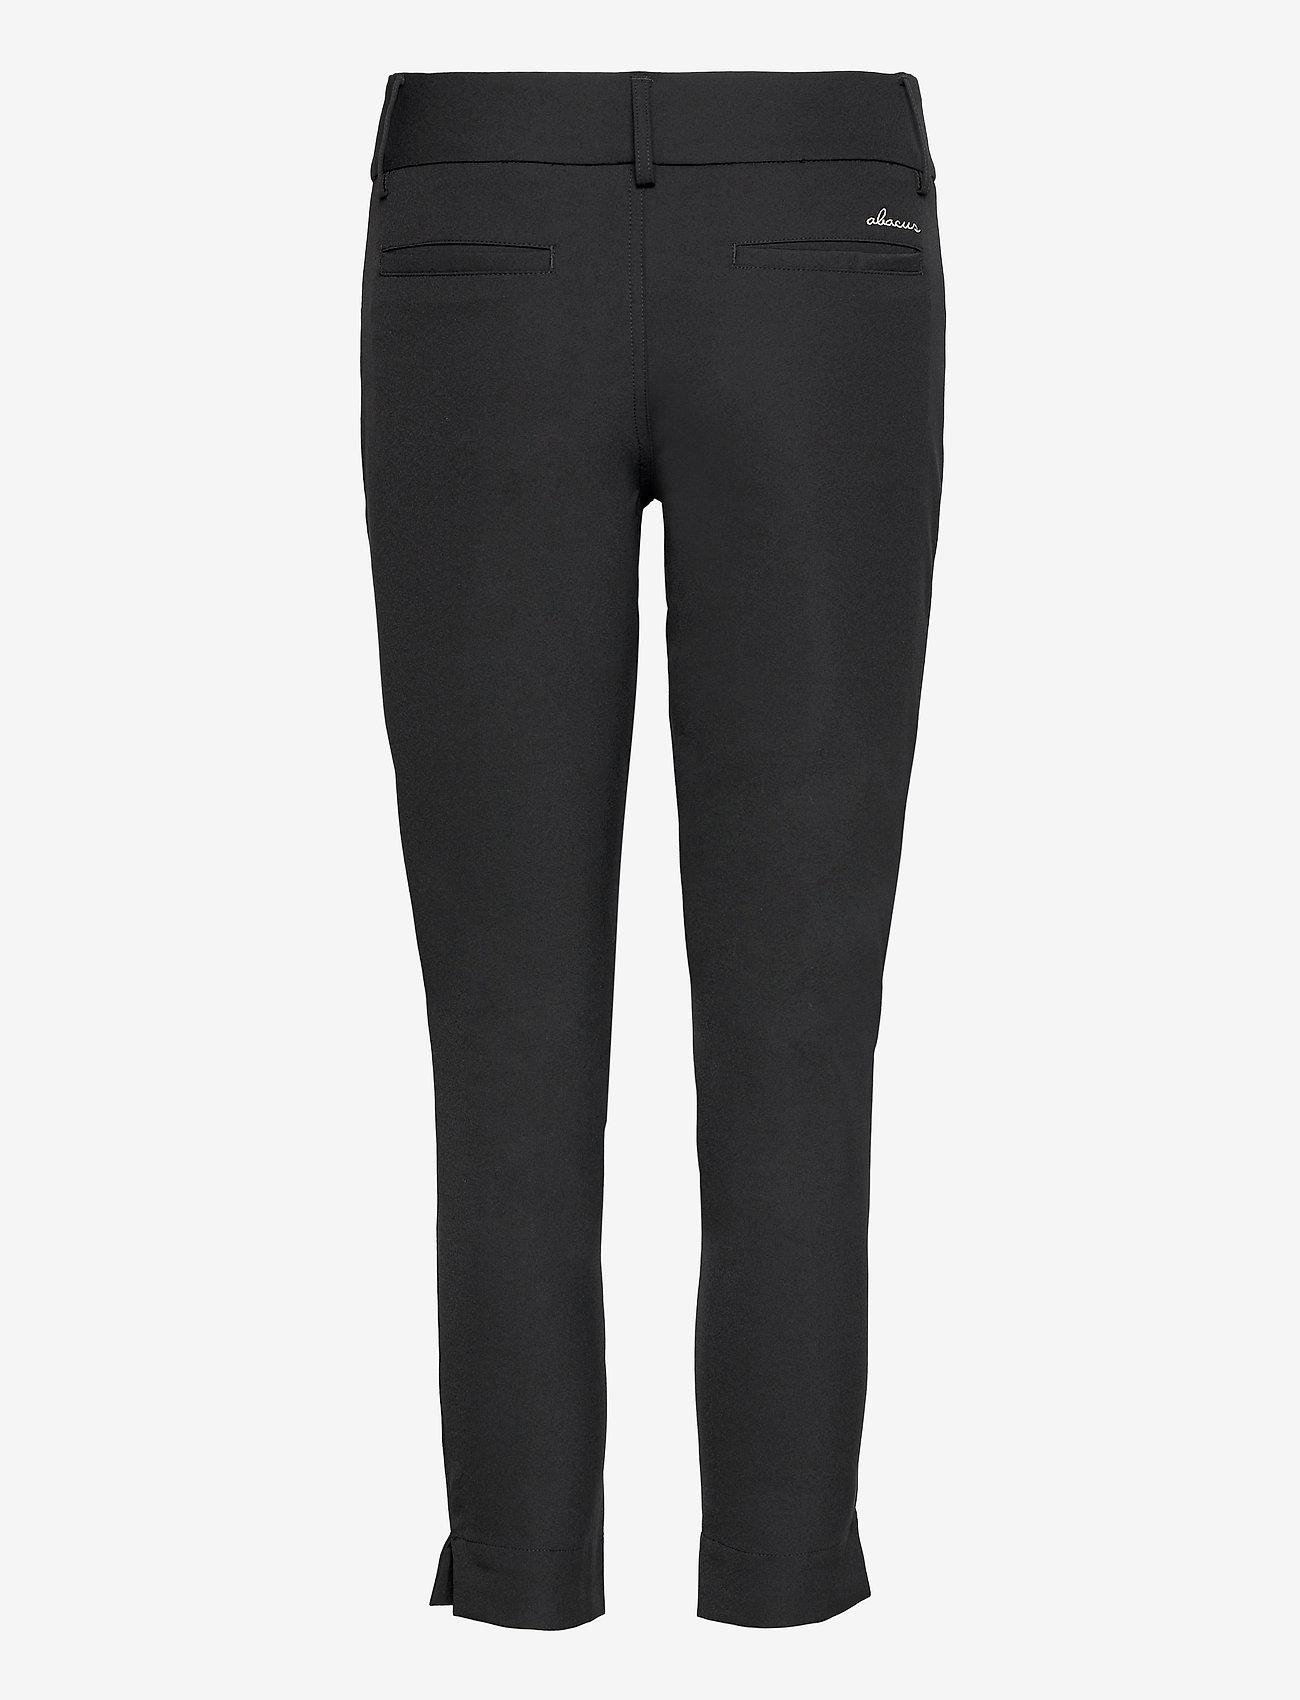 Abacus - Lds Grace 7/8 trousers 88cm - golfbroeken - black - 1